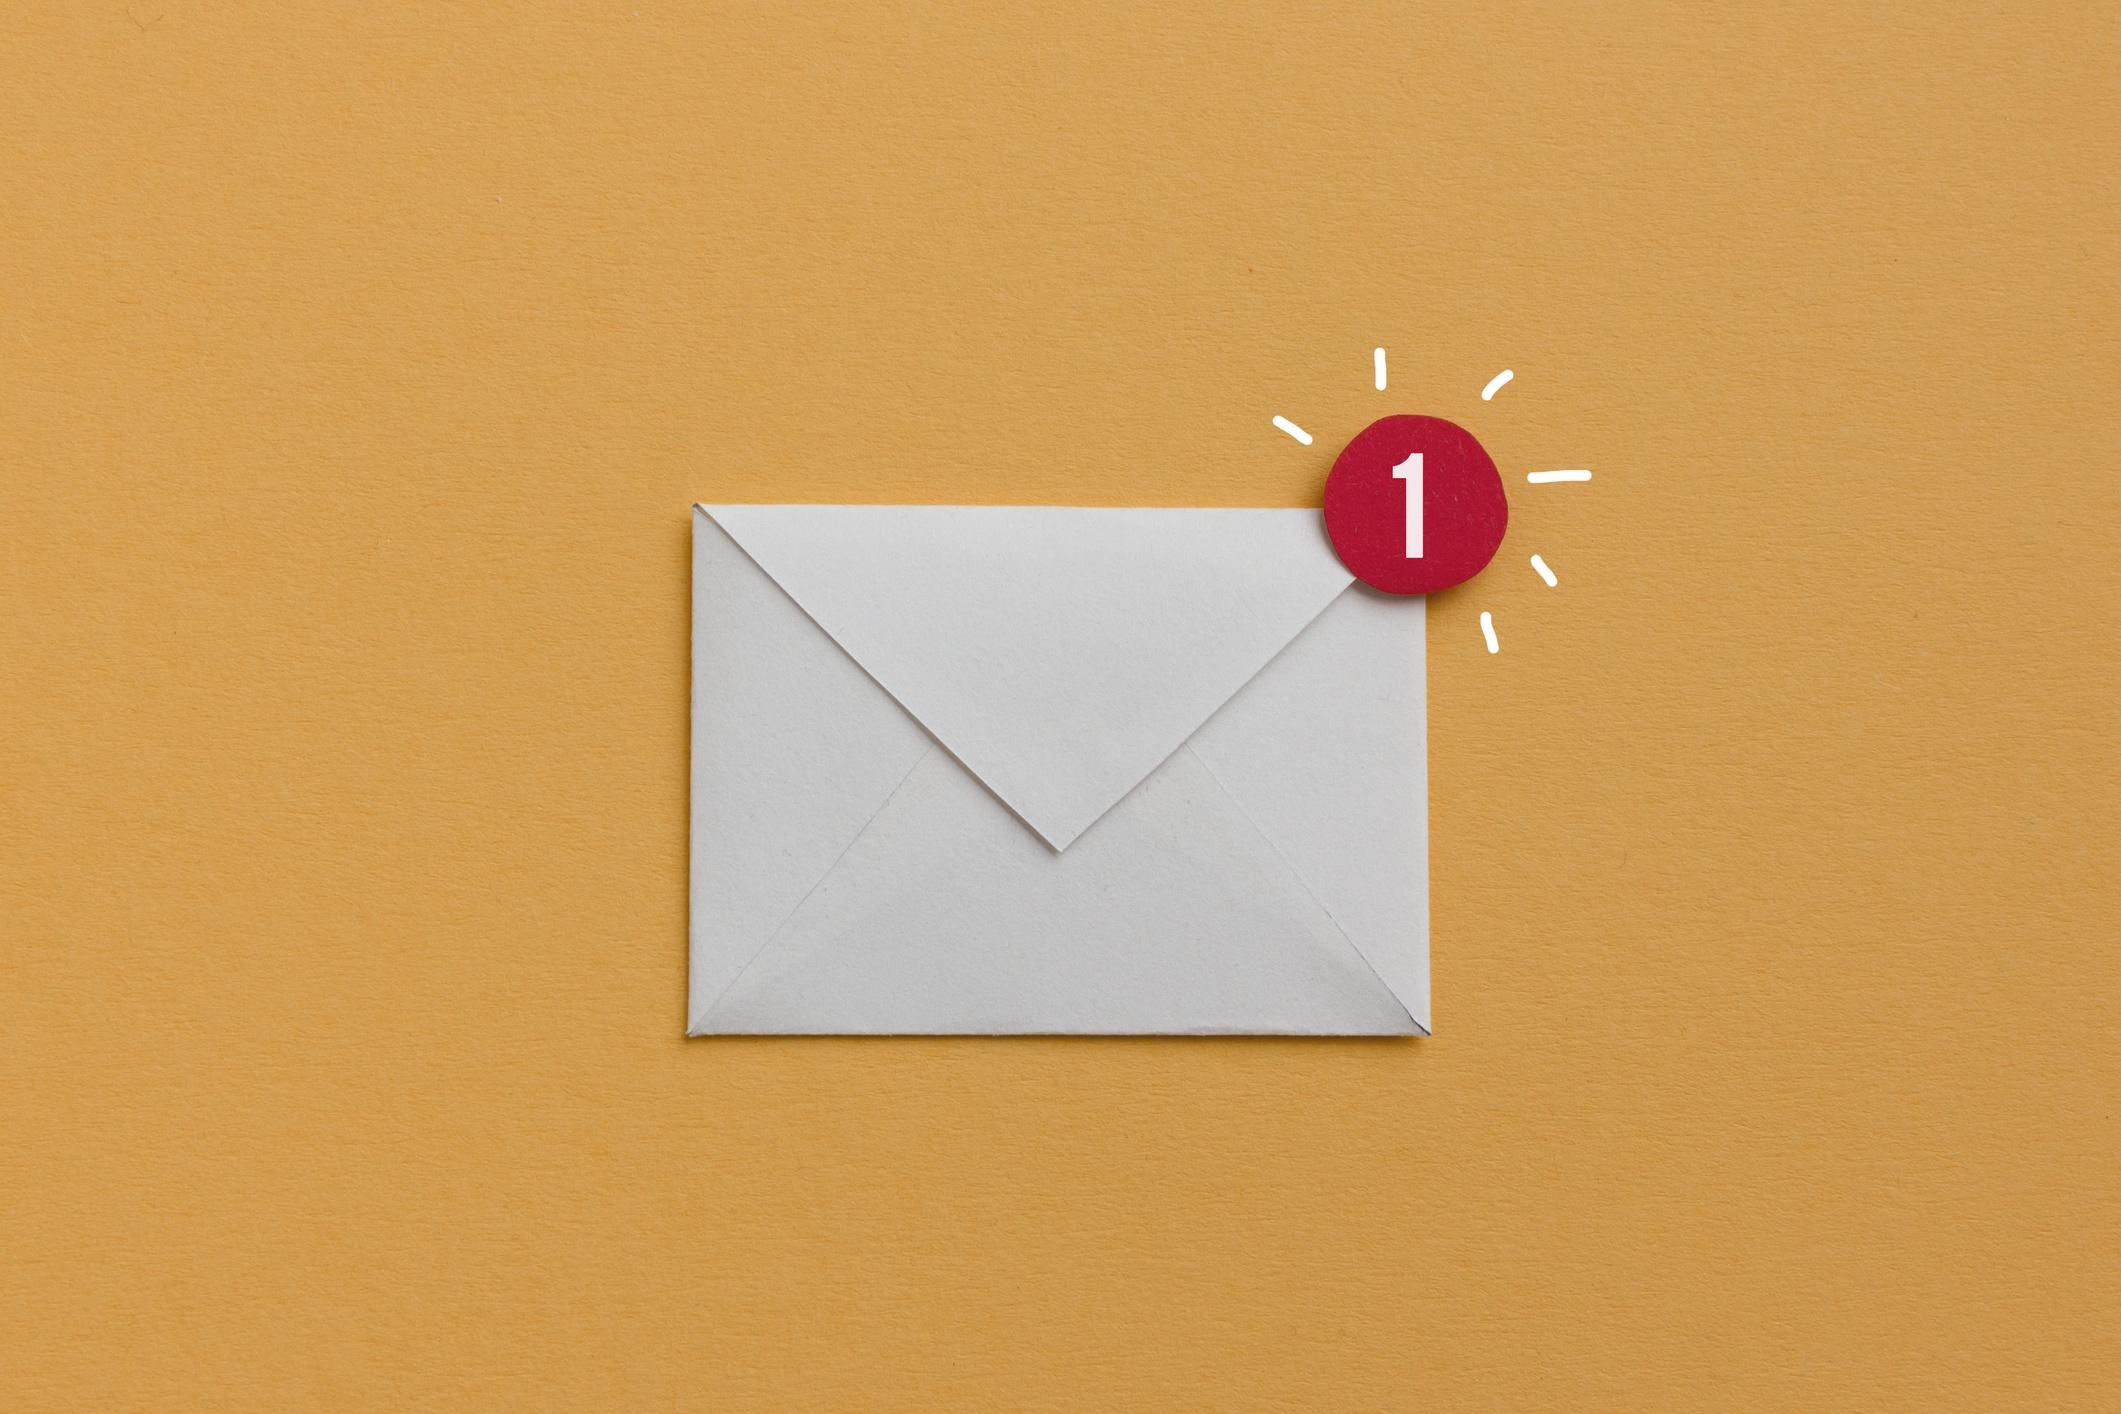 Cómo implementar email marketing efectivamente